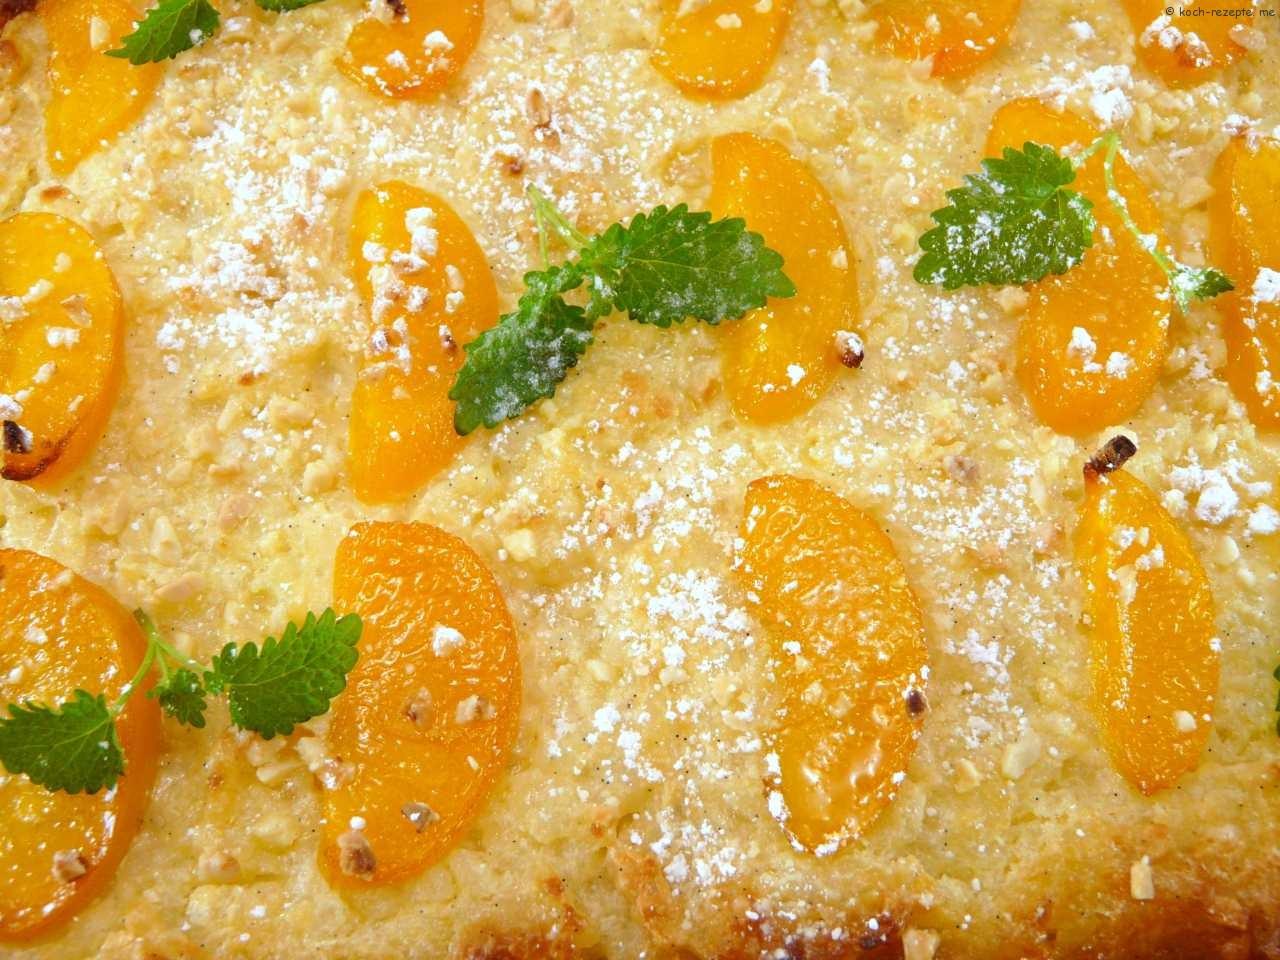 der fertige Reisauflauf mit Pfirsich und Mandel